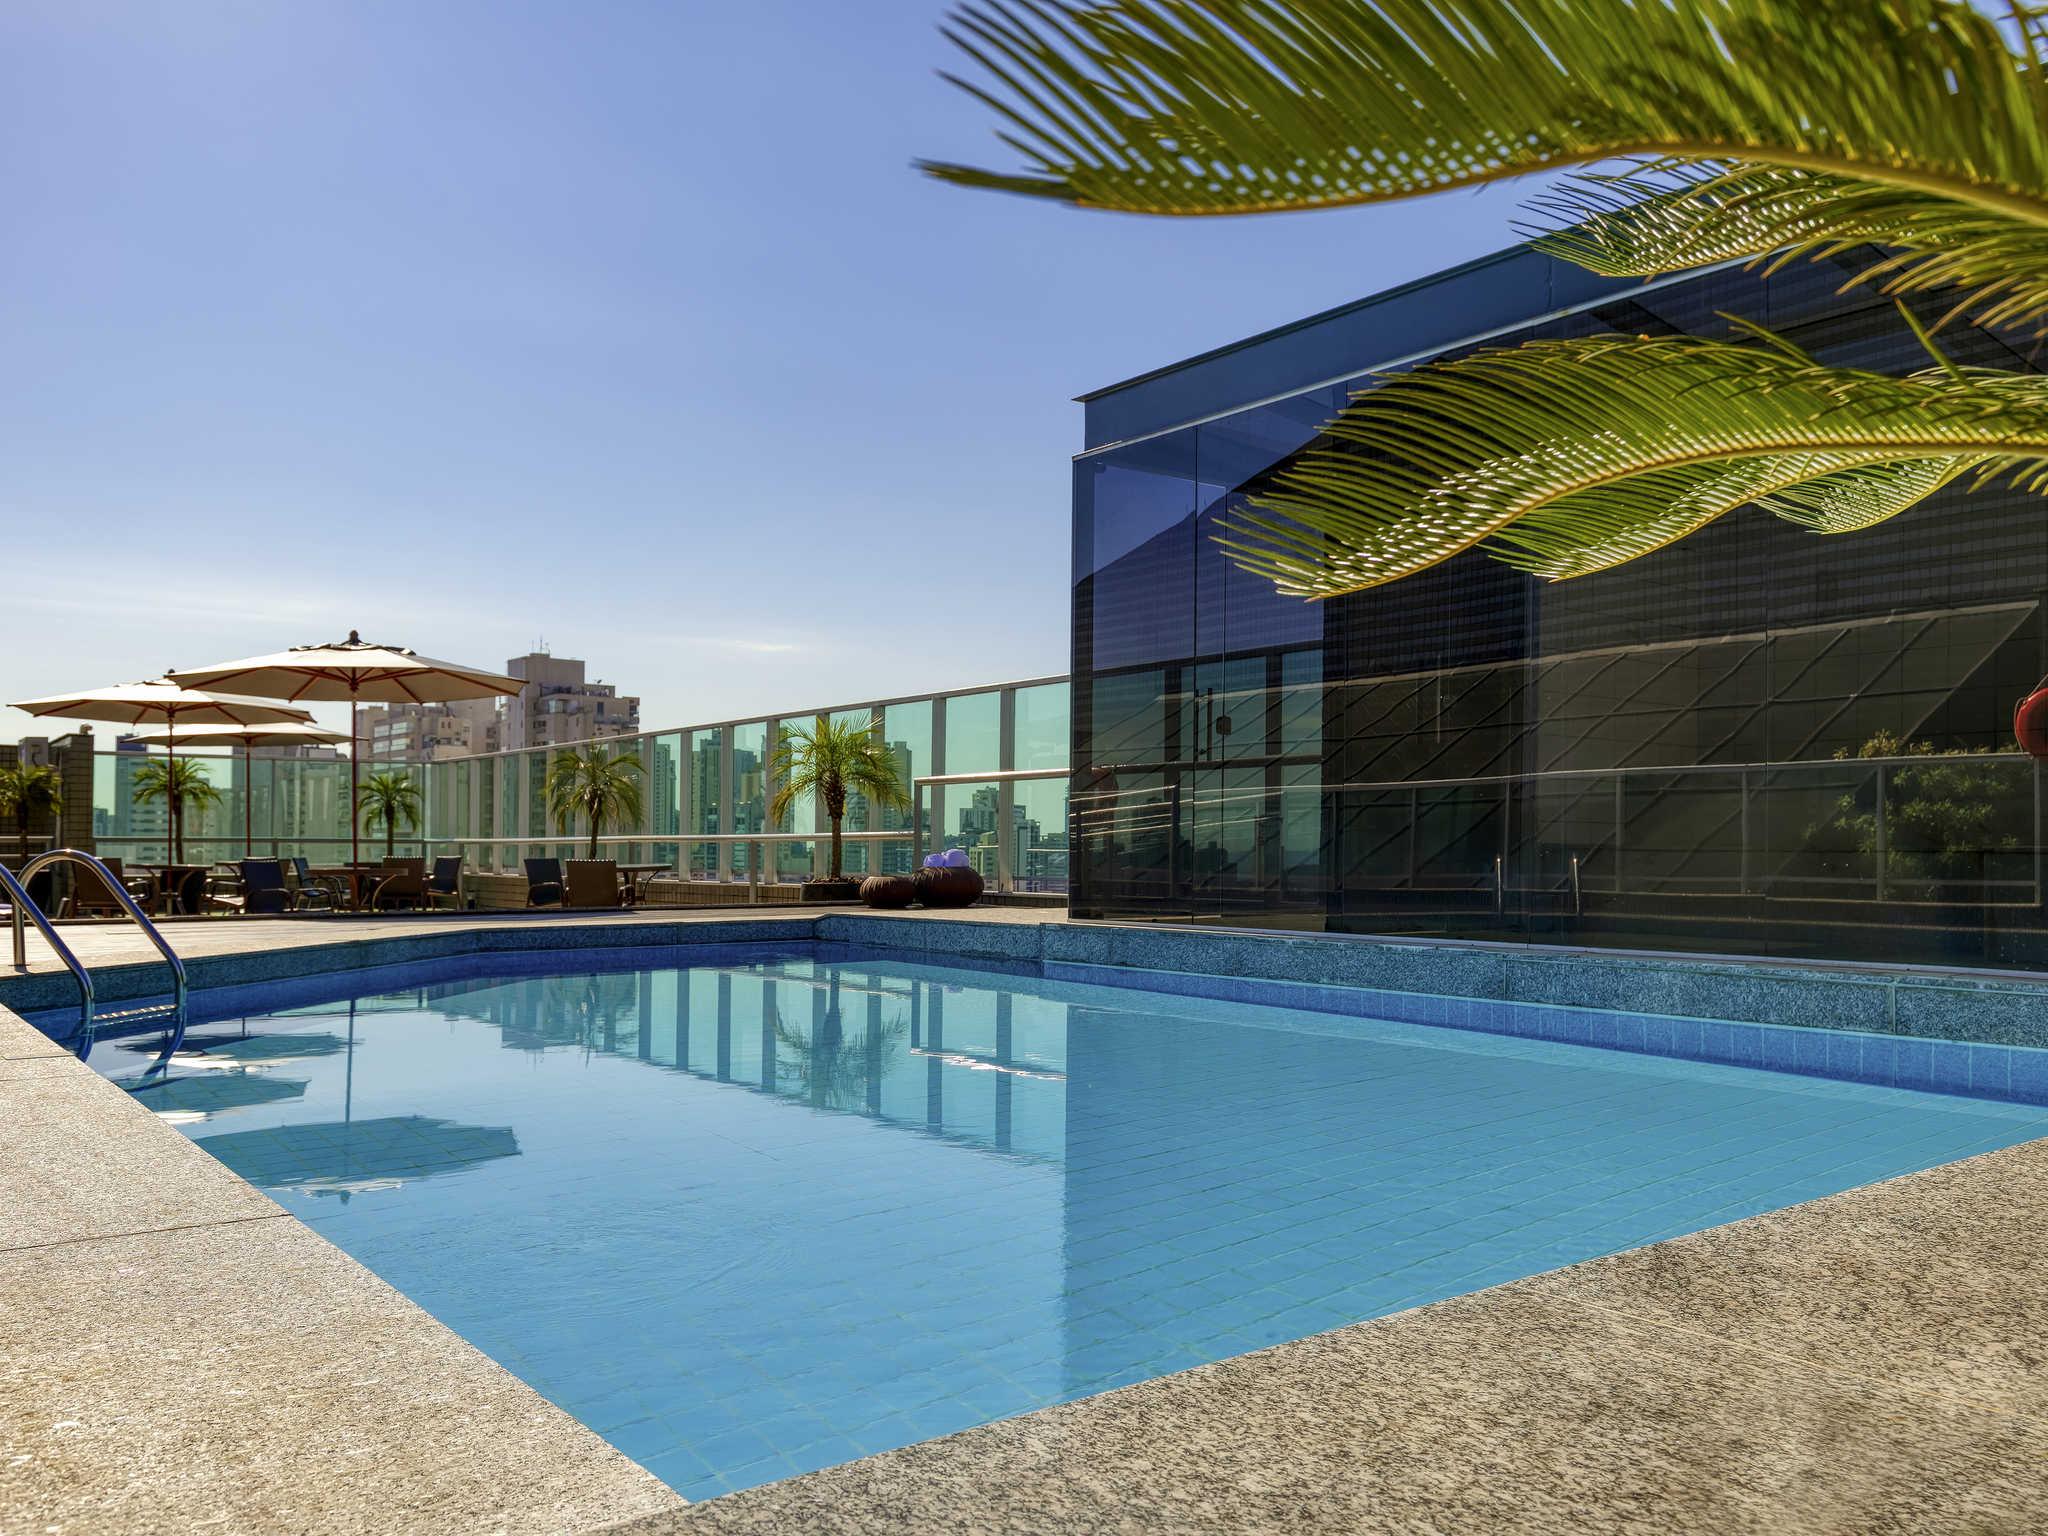 77fa9e2a1e8 Hotel - Mercure Belo Horizonte Vila da Serra Hotel ...